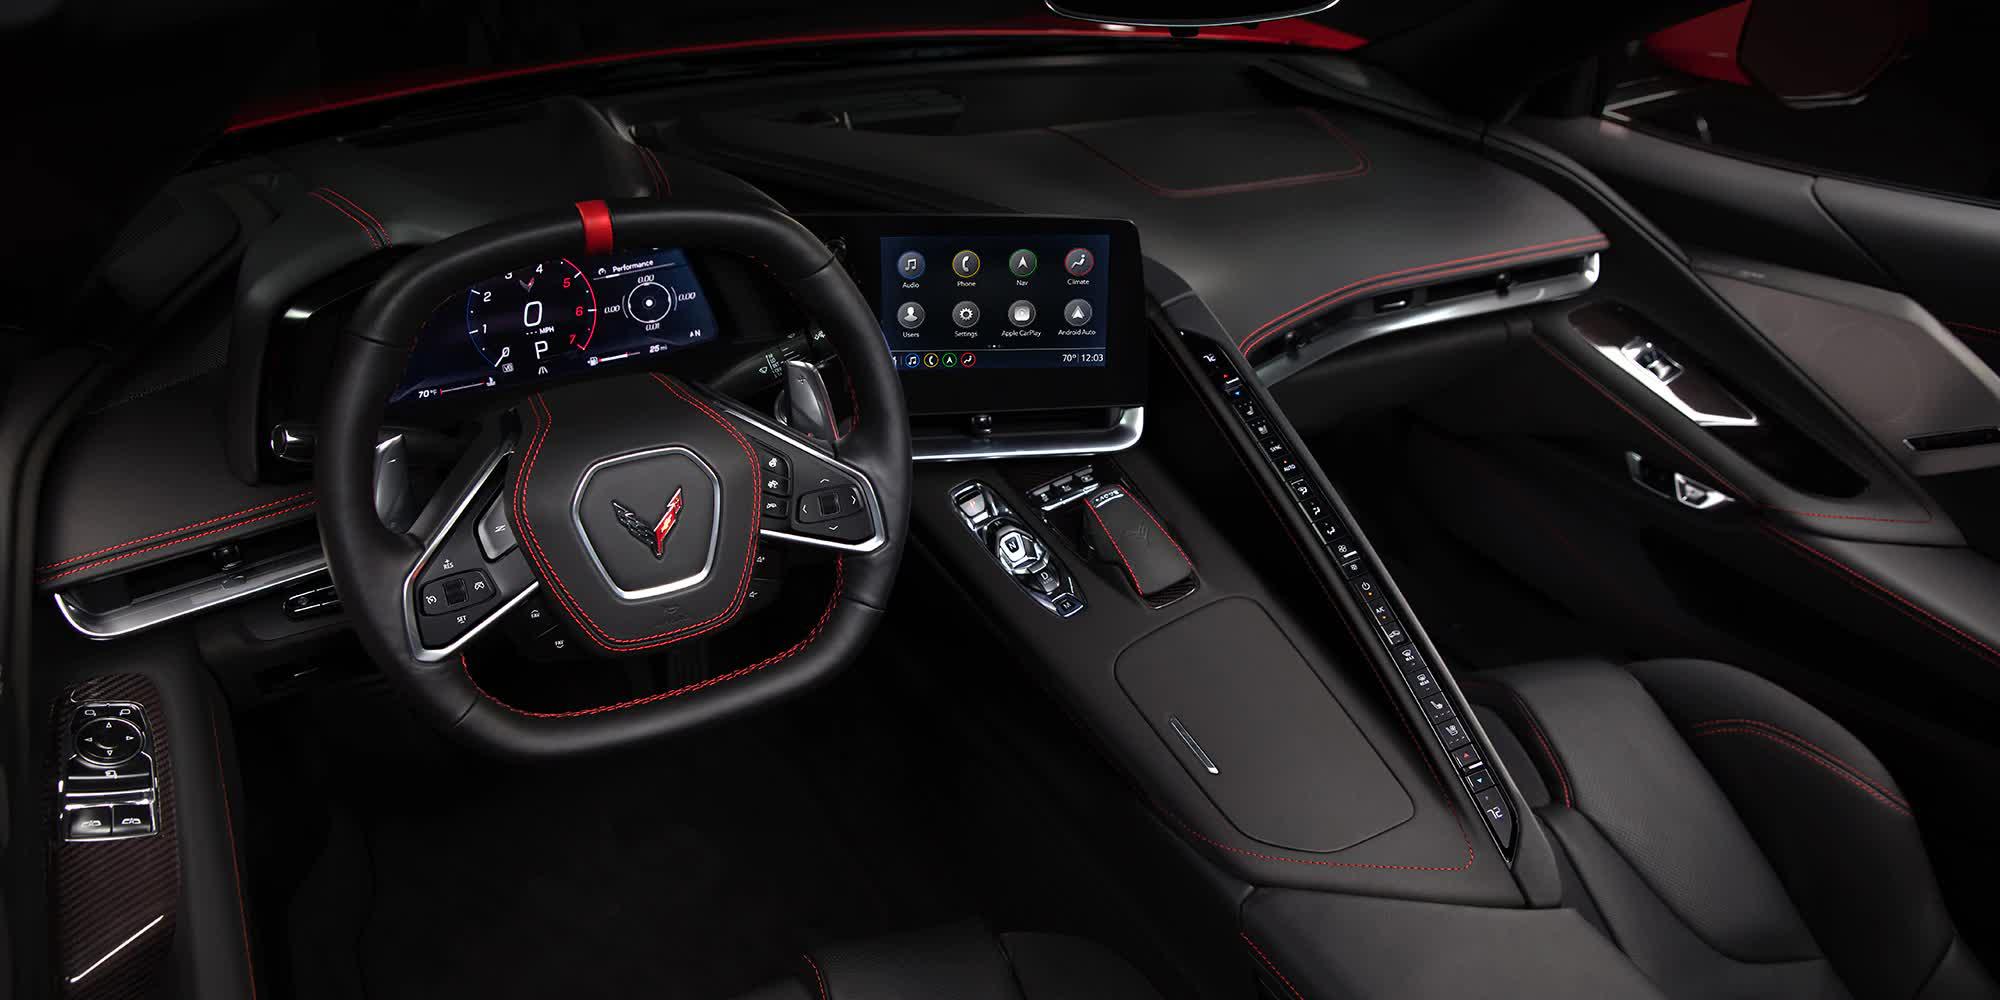 sedili-e-cruscotto-in-pelle-nera-Corvette-c8-stingray-2020-auto-sportiva-a-motore-centrale-disponibile-con-allestimento-coupe-e-convertible-in-esclusiva-presso-gruppo-cavauto-a-Monza.jpg